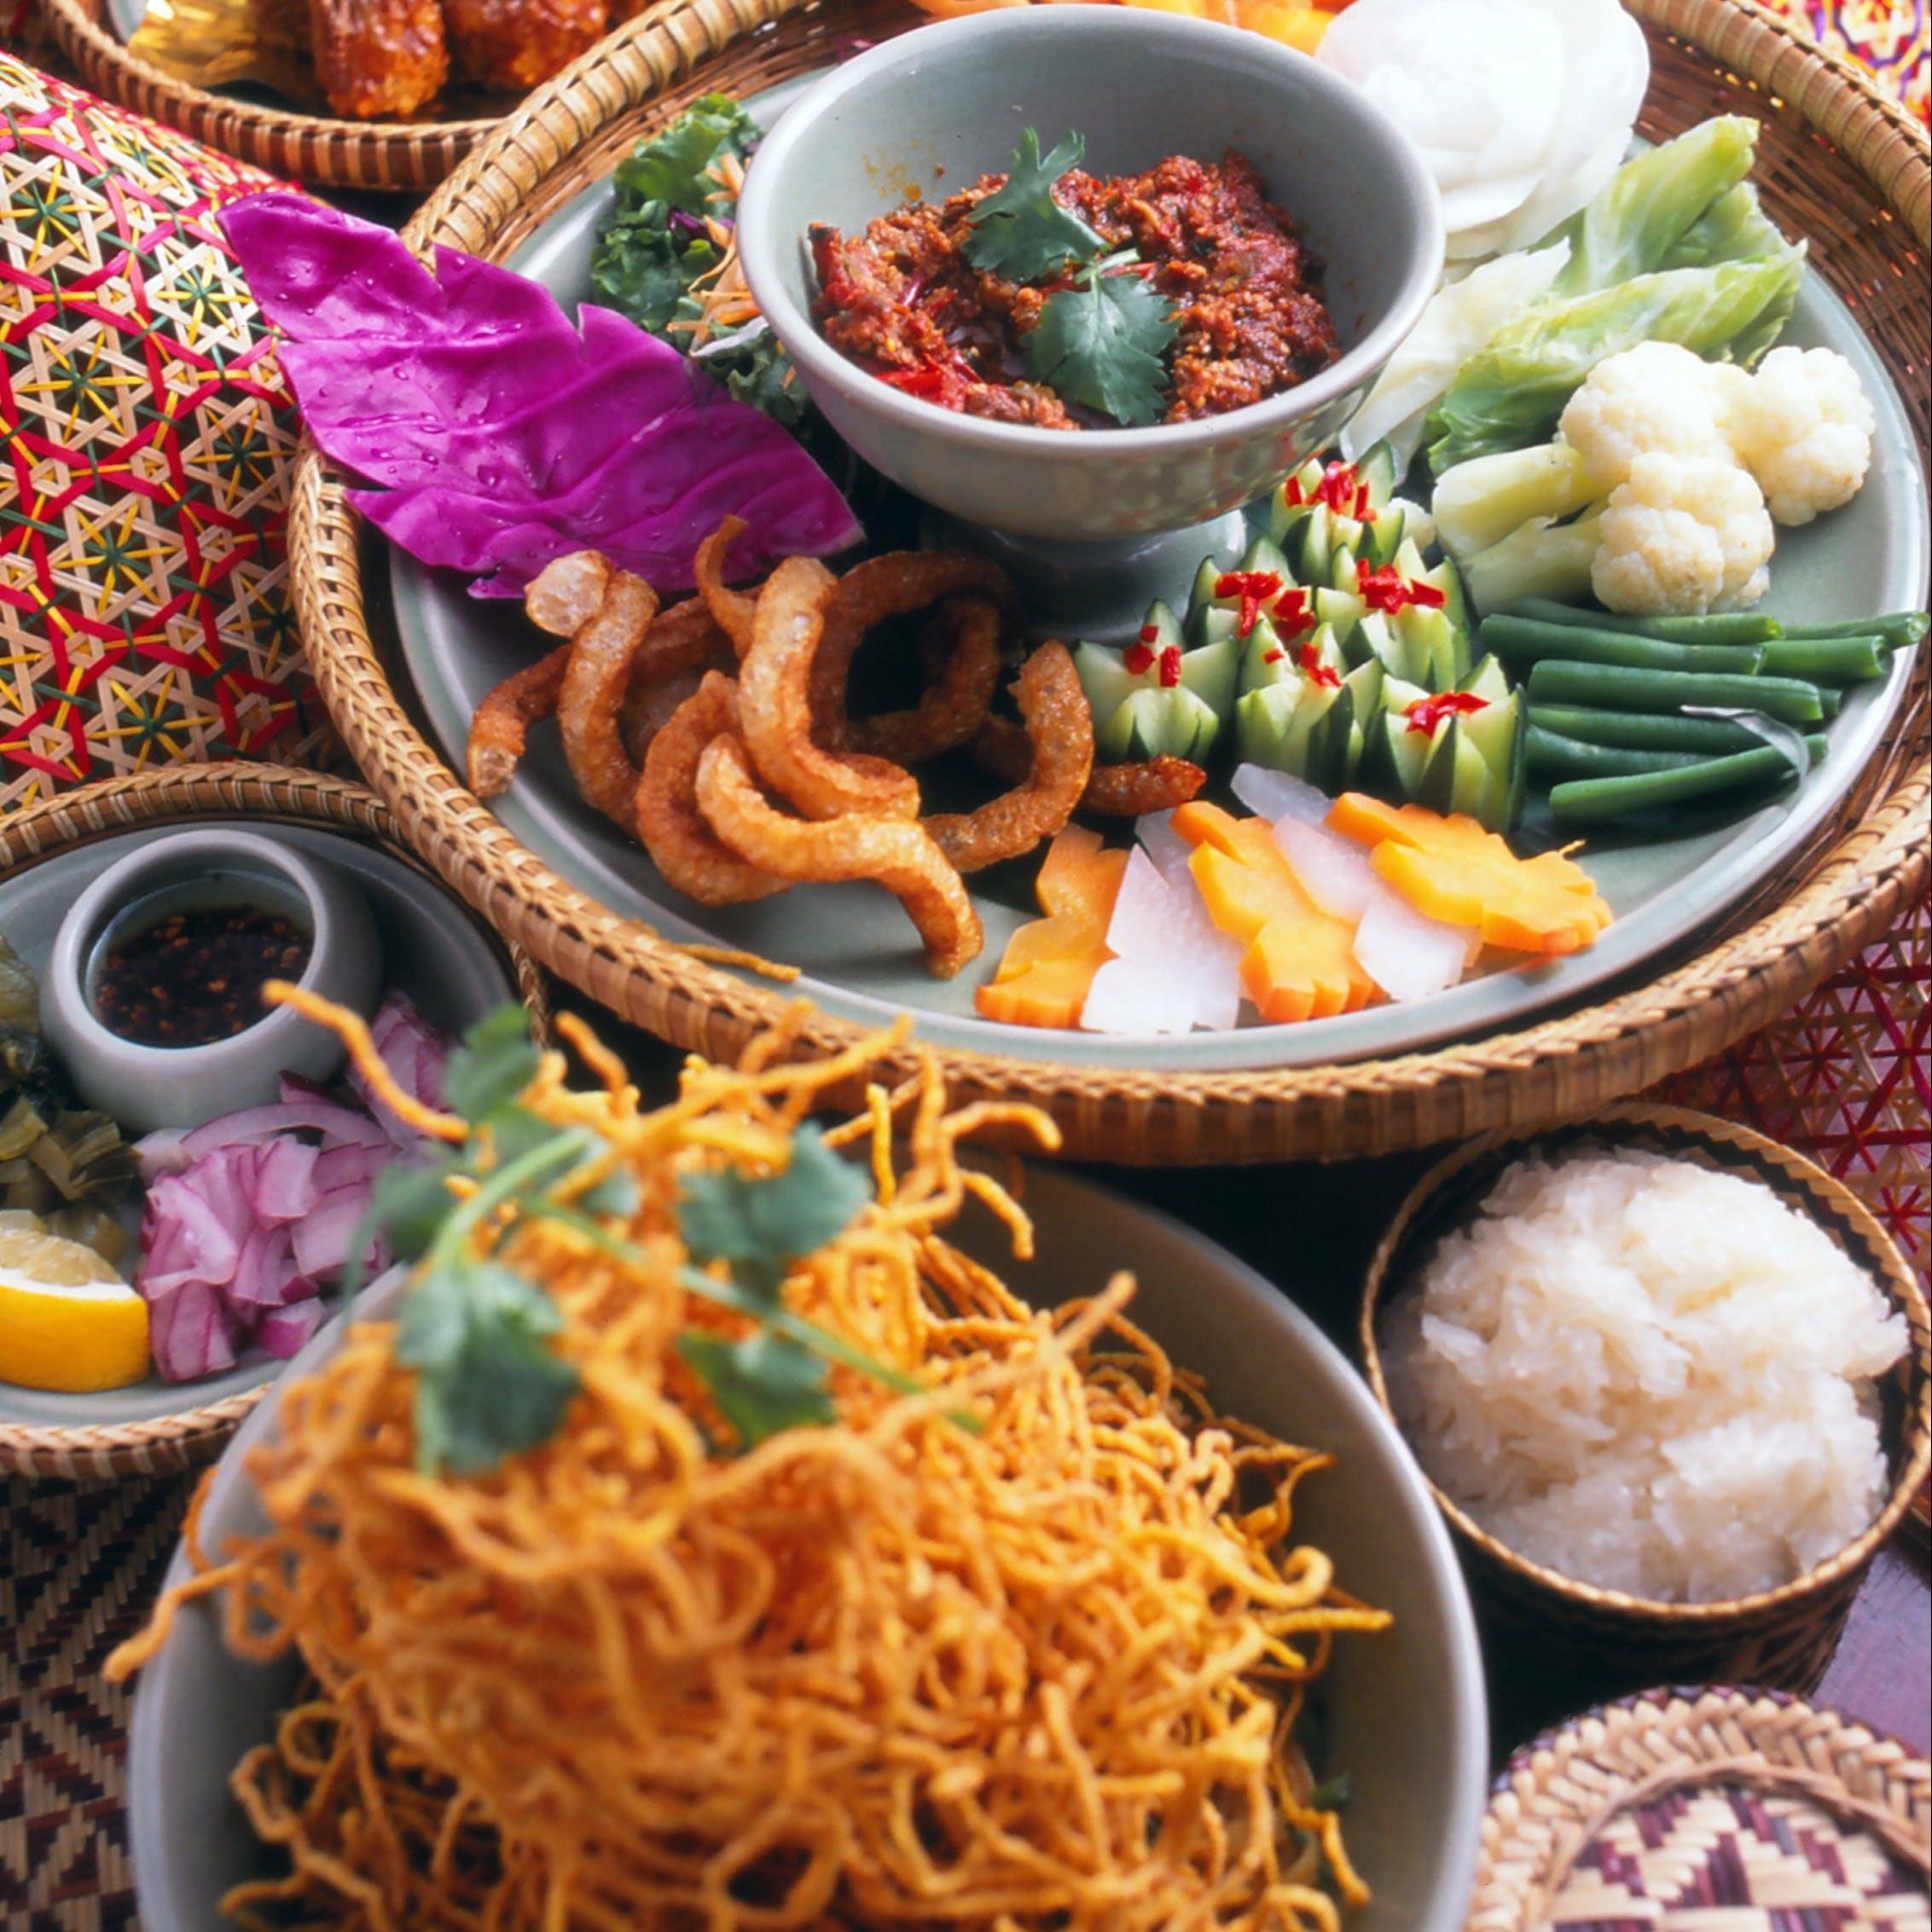 世界で経験を積んだ熟練シェフがタイ本場の食材やスパイスを使った伝統料理でおもてなし